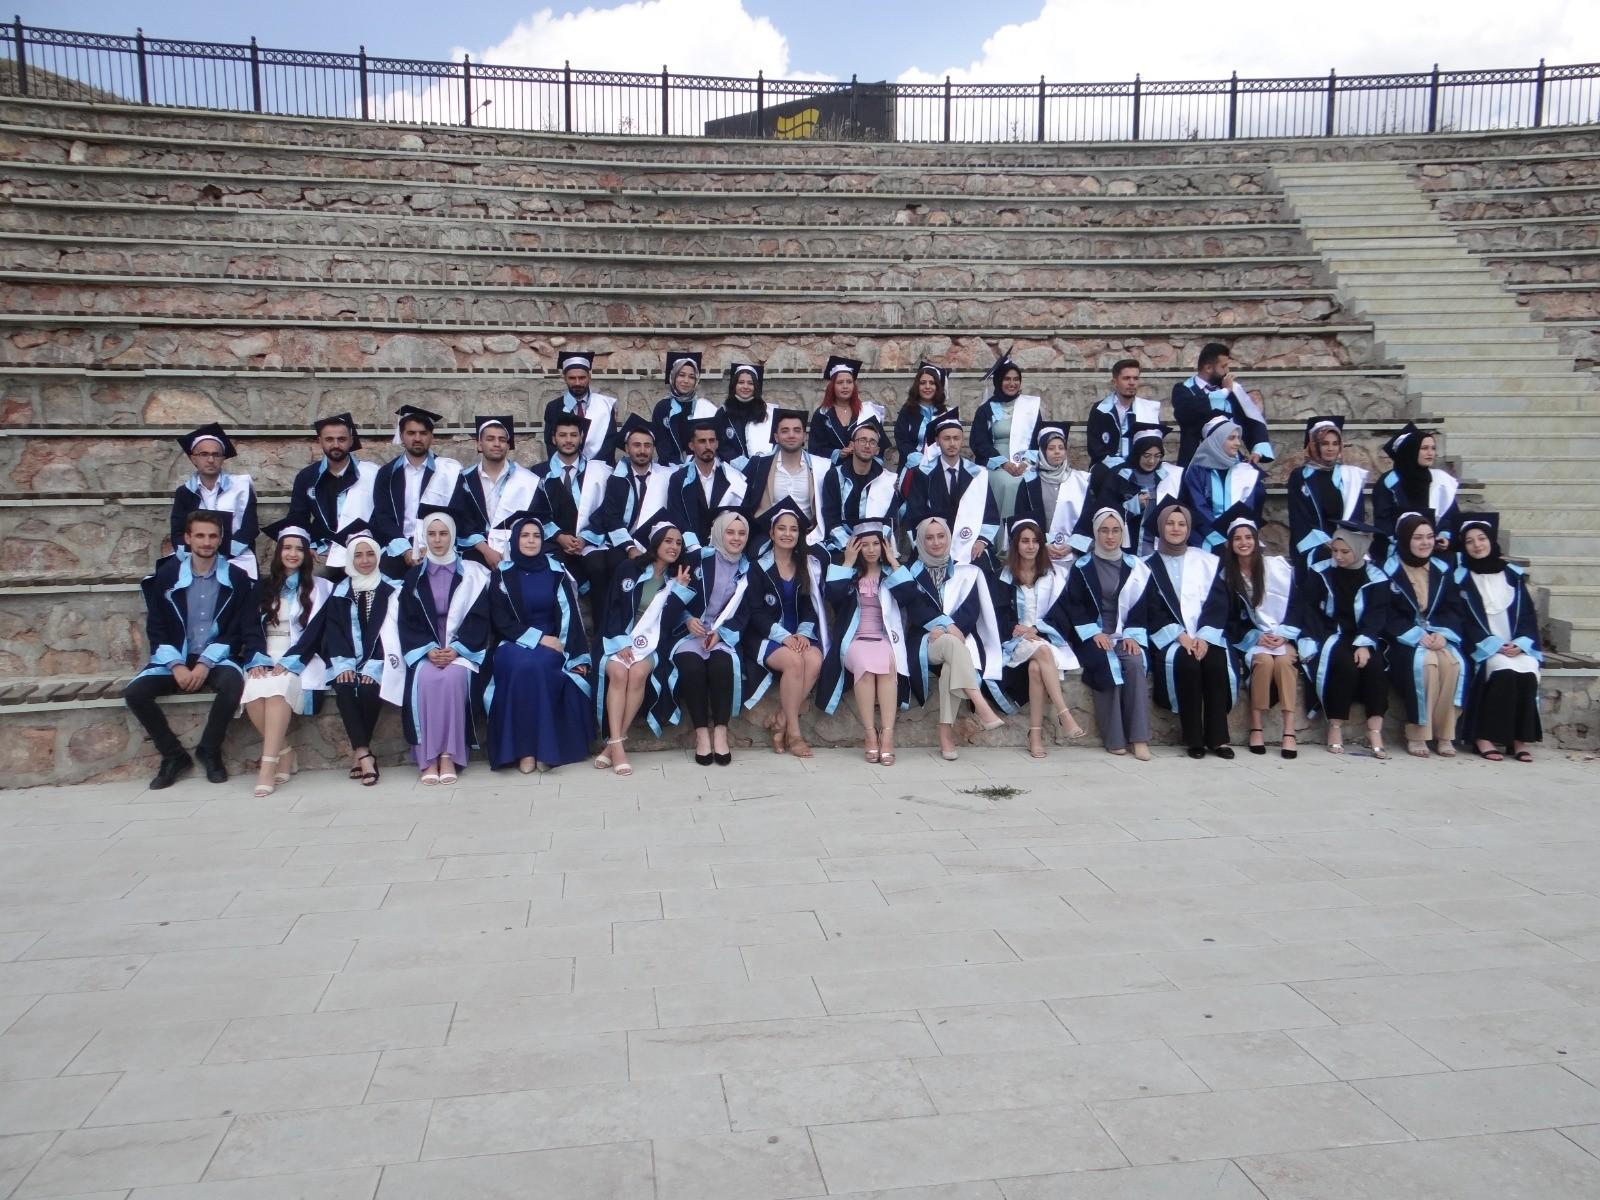 Rehberlik ve Psikolojik Danışmanlık mezunları, öğrenciler tarafından düzenlenen törenle uğurlandı